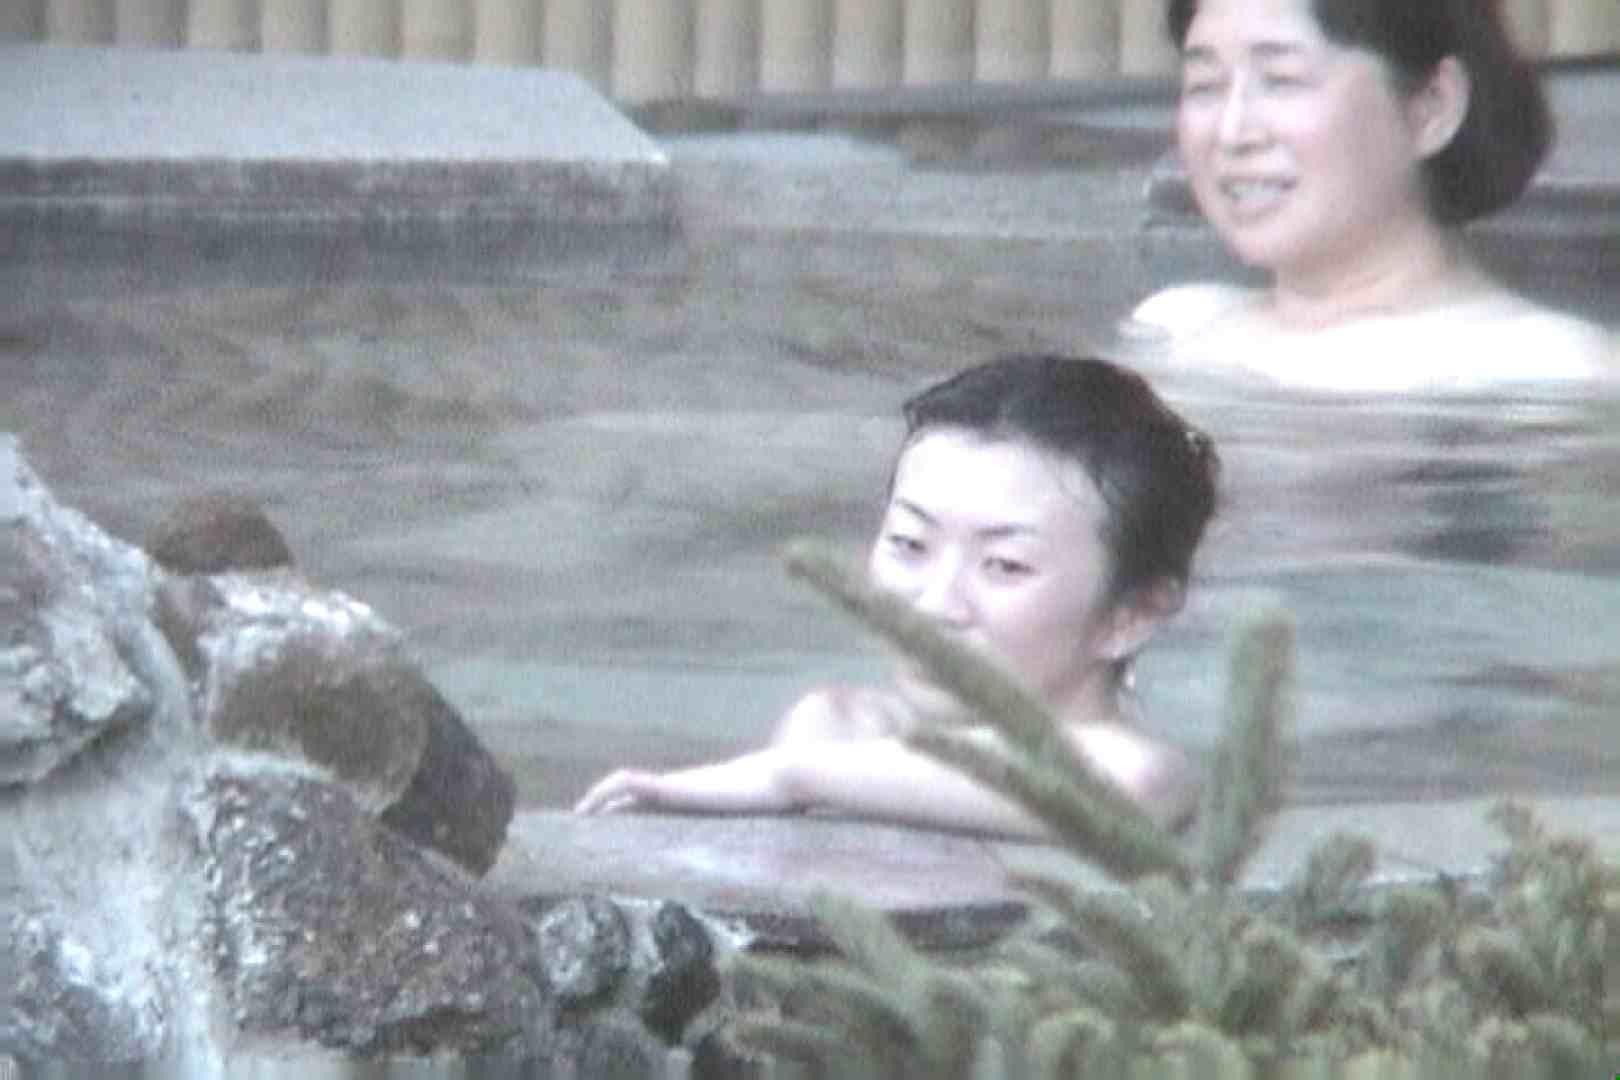 Aquaな露天風呂Vol.561 盗撮  75画像 3